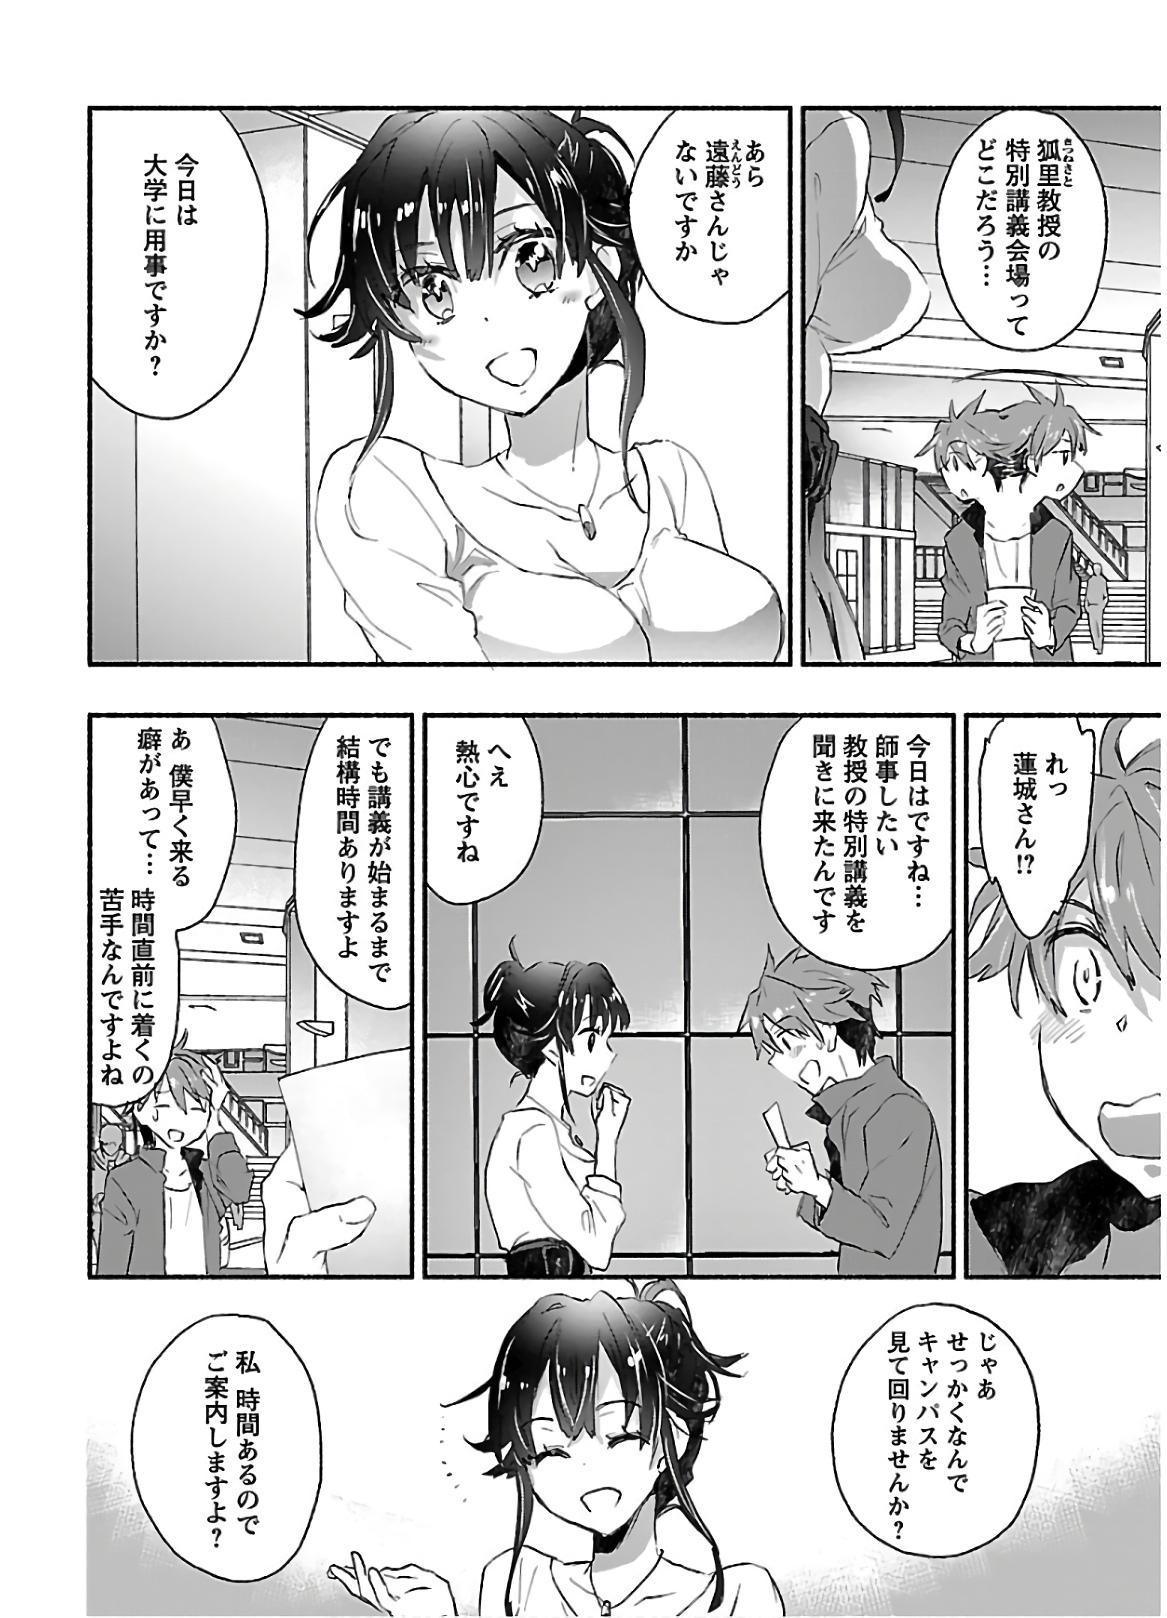 Yankii musume ni natsukarete kotoshi mo juken ni shippai shisou desu  vol.1 75